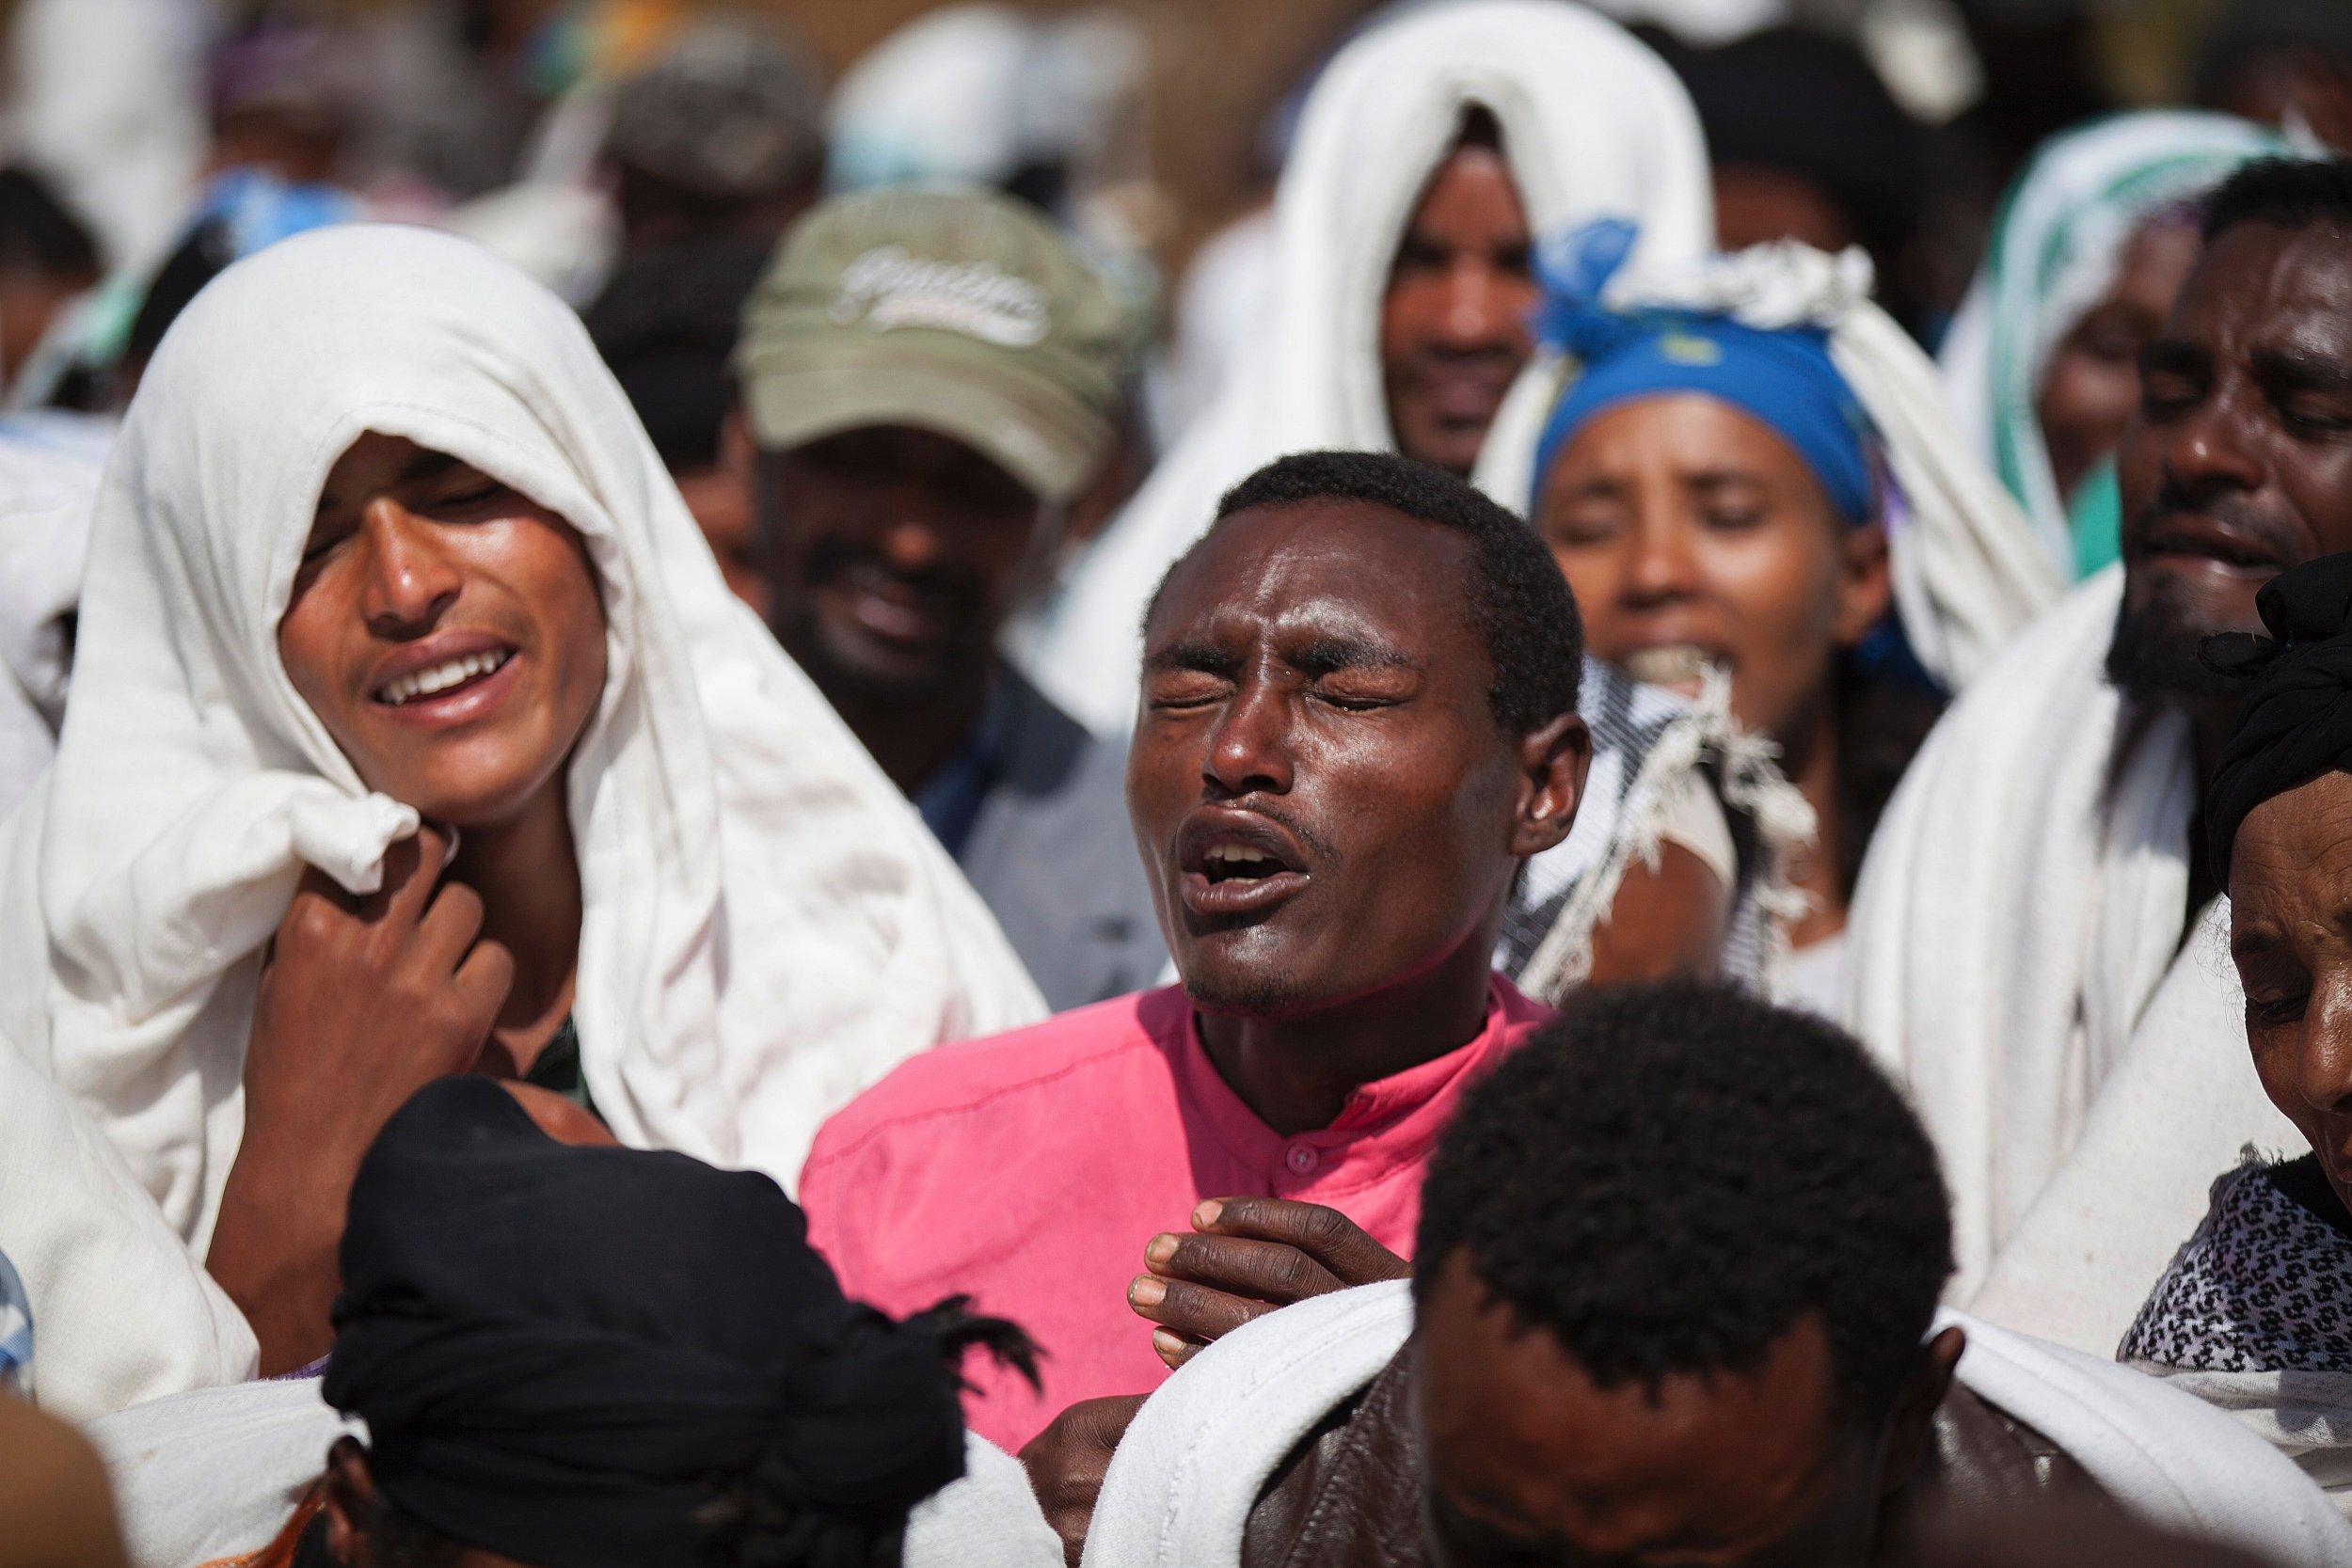 En 2015, le peuple Oromo a protesté contre les projets d'expansion de la capitale Addis-Abeba.